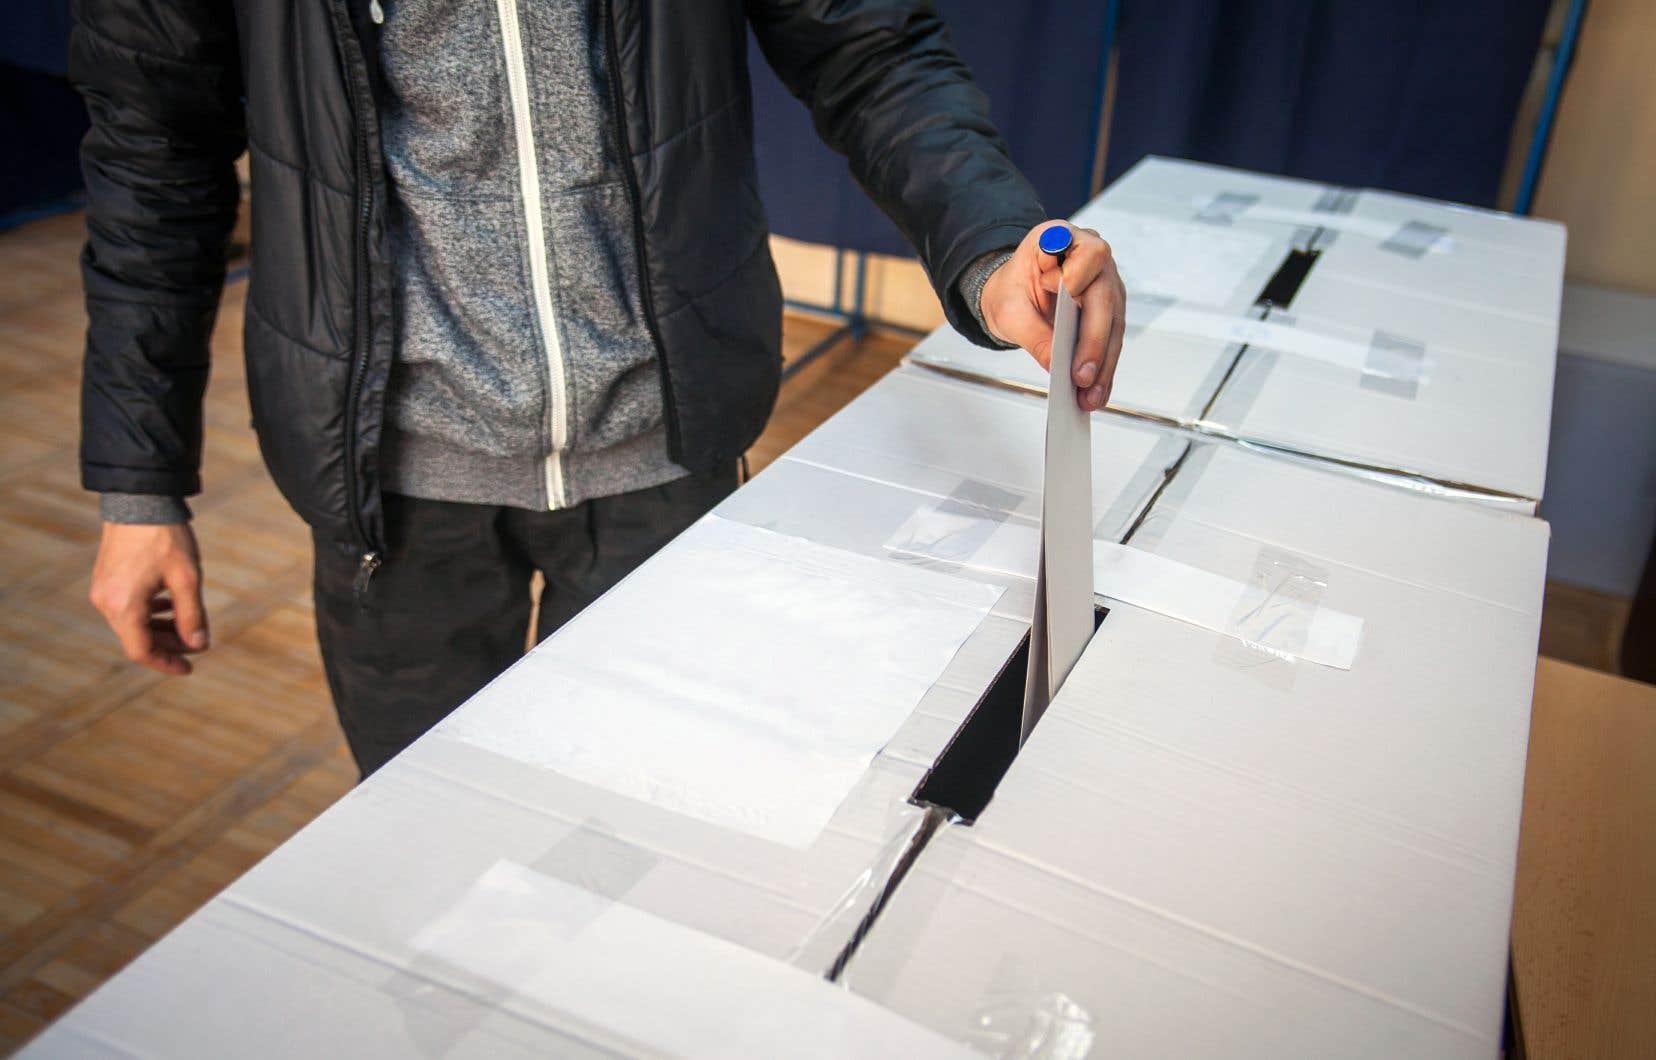 Seulement 40% des 18-34ans sont allés voter aux dernières élections provinciales.